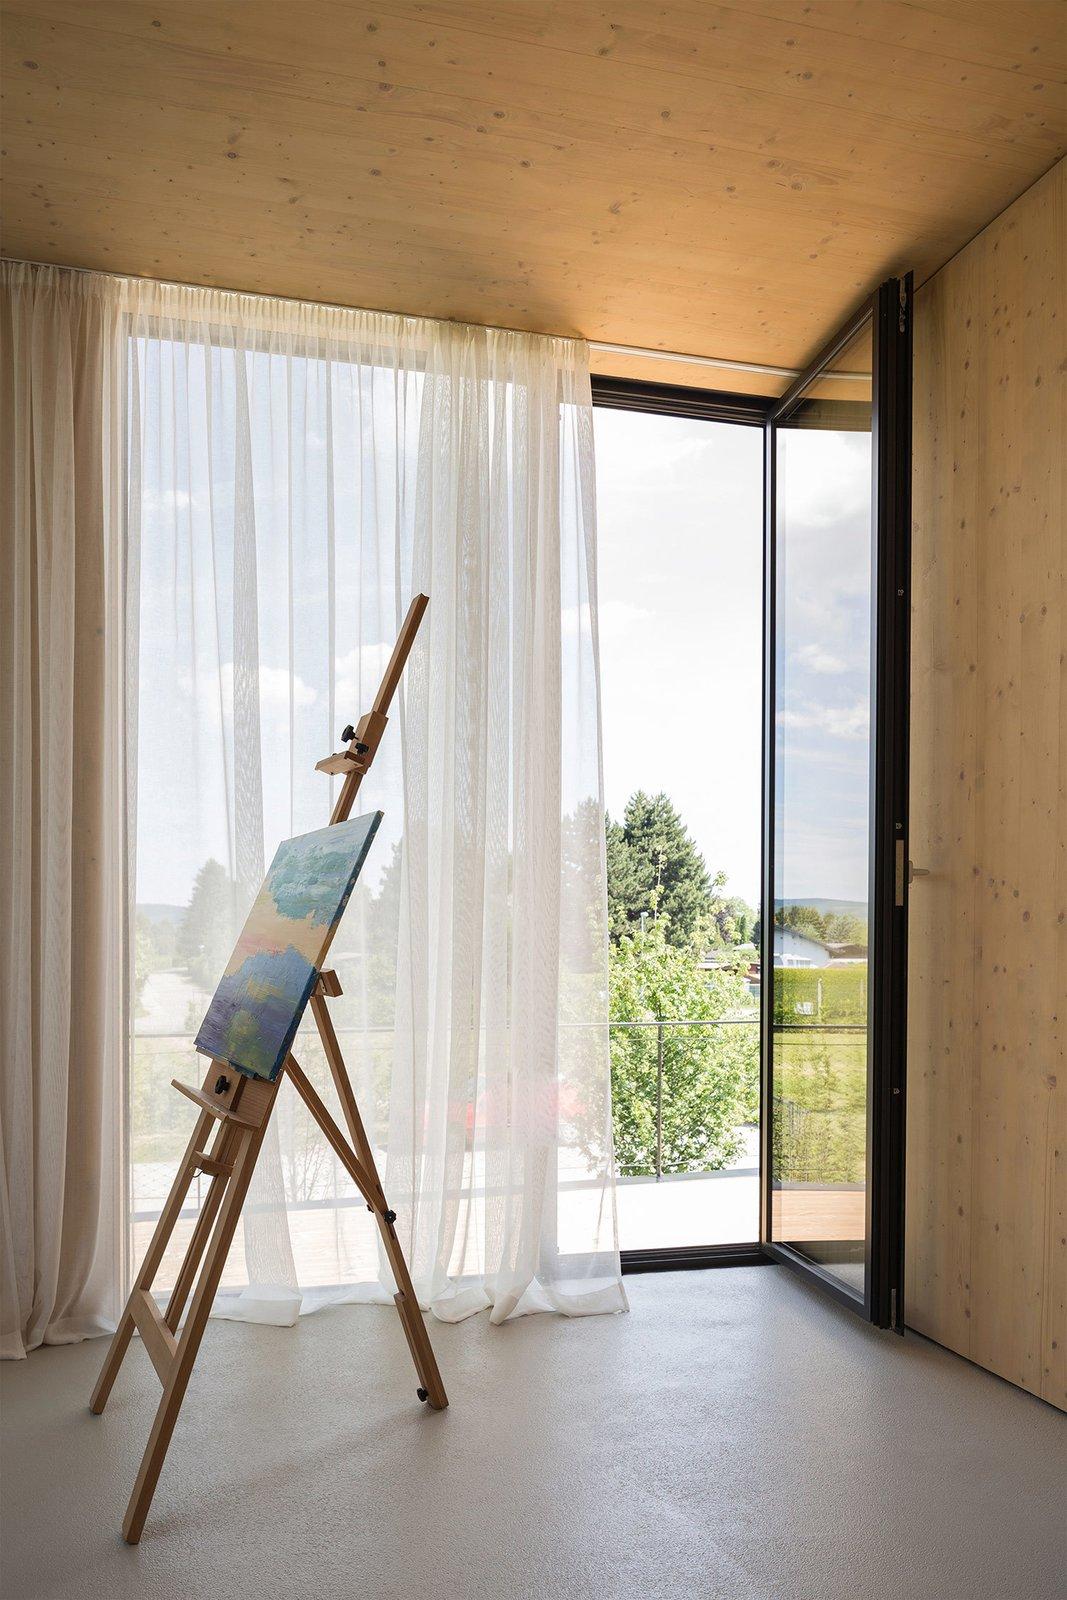 Seehaus by Gessato